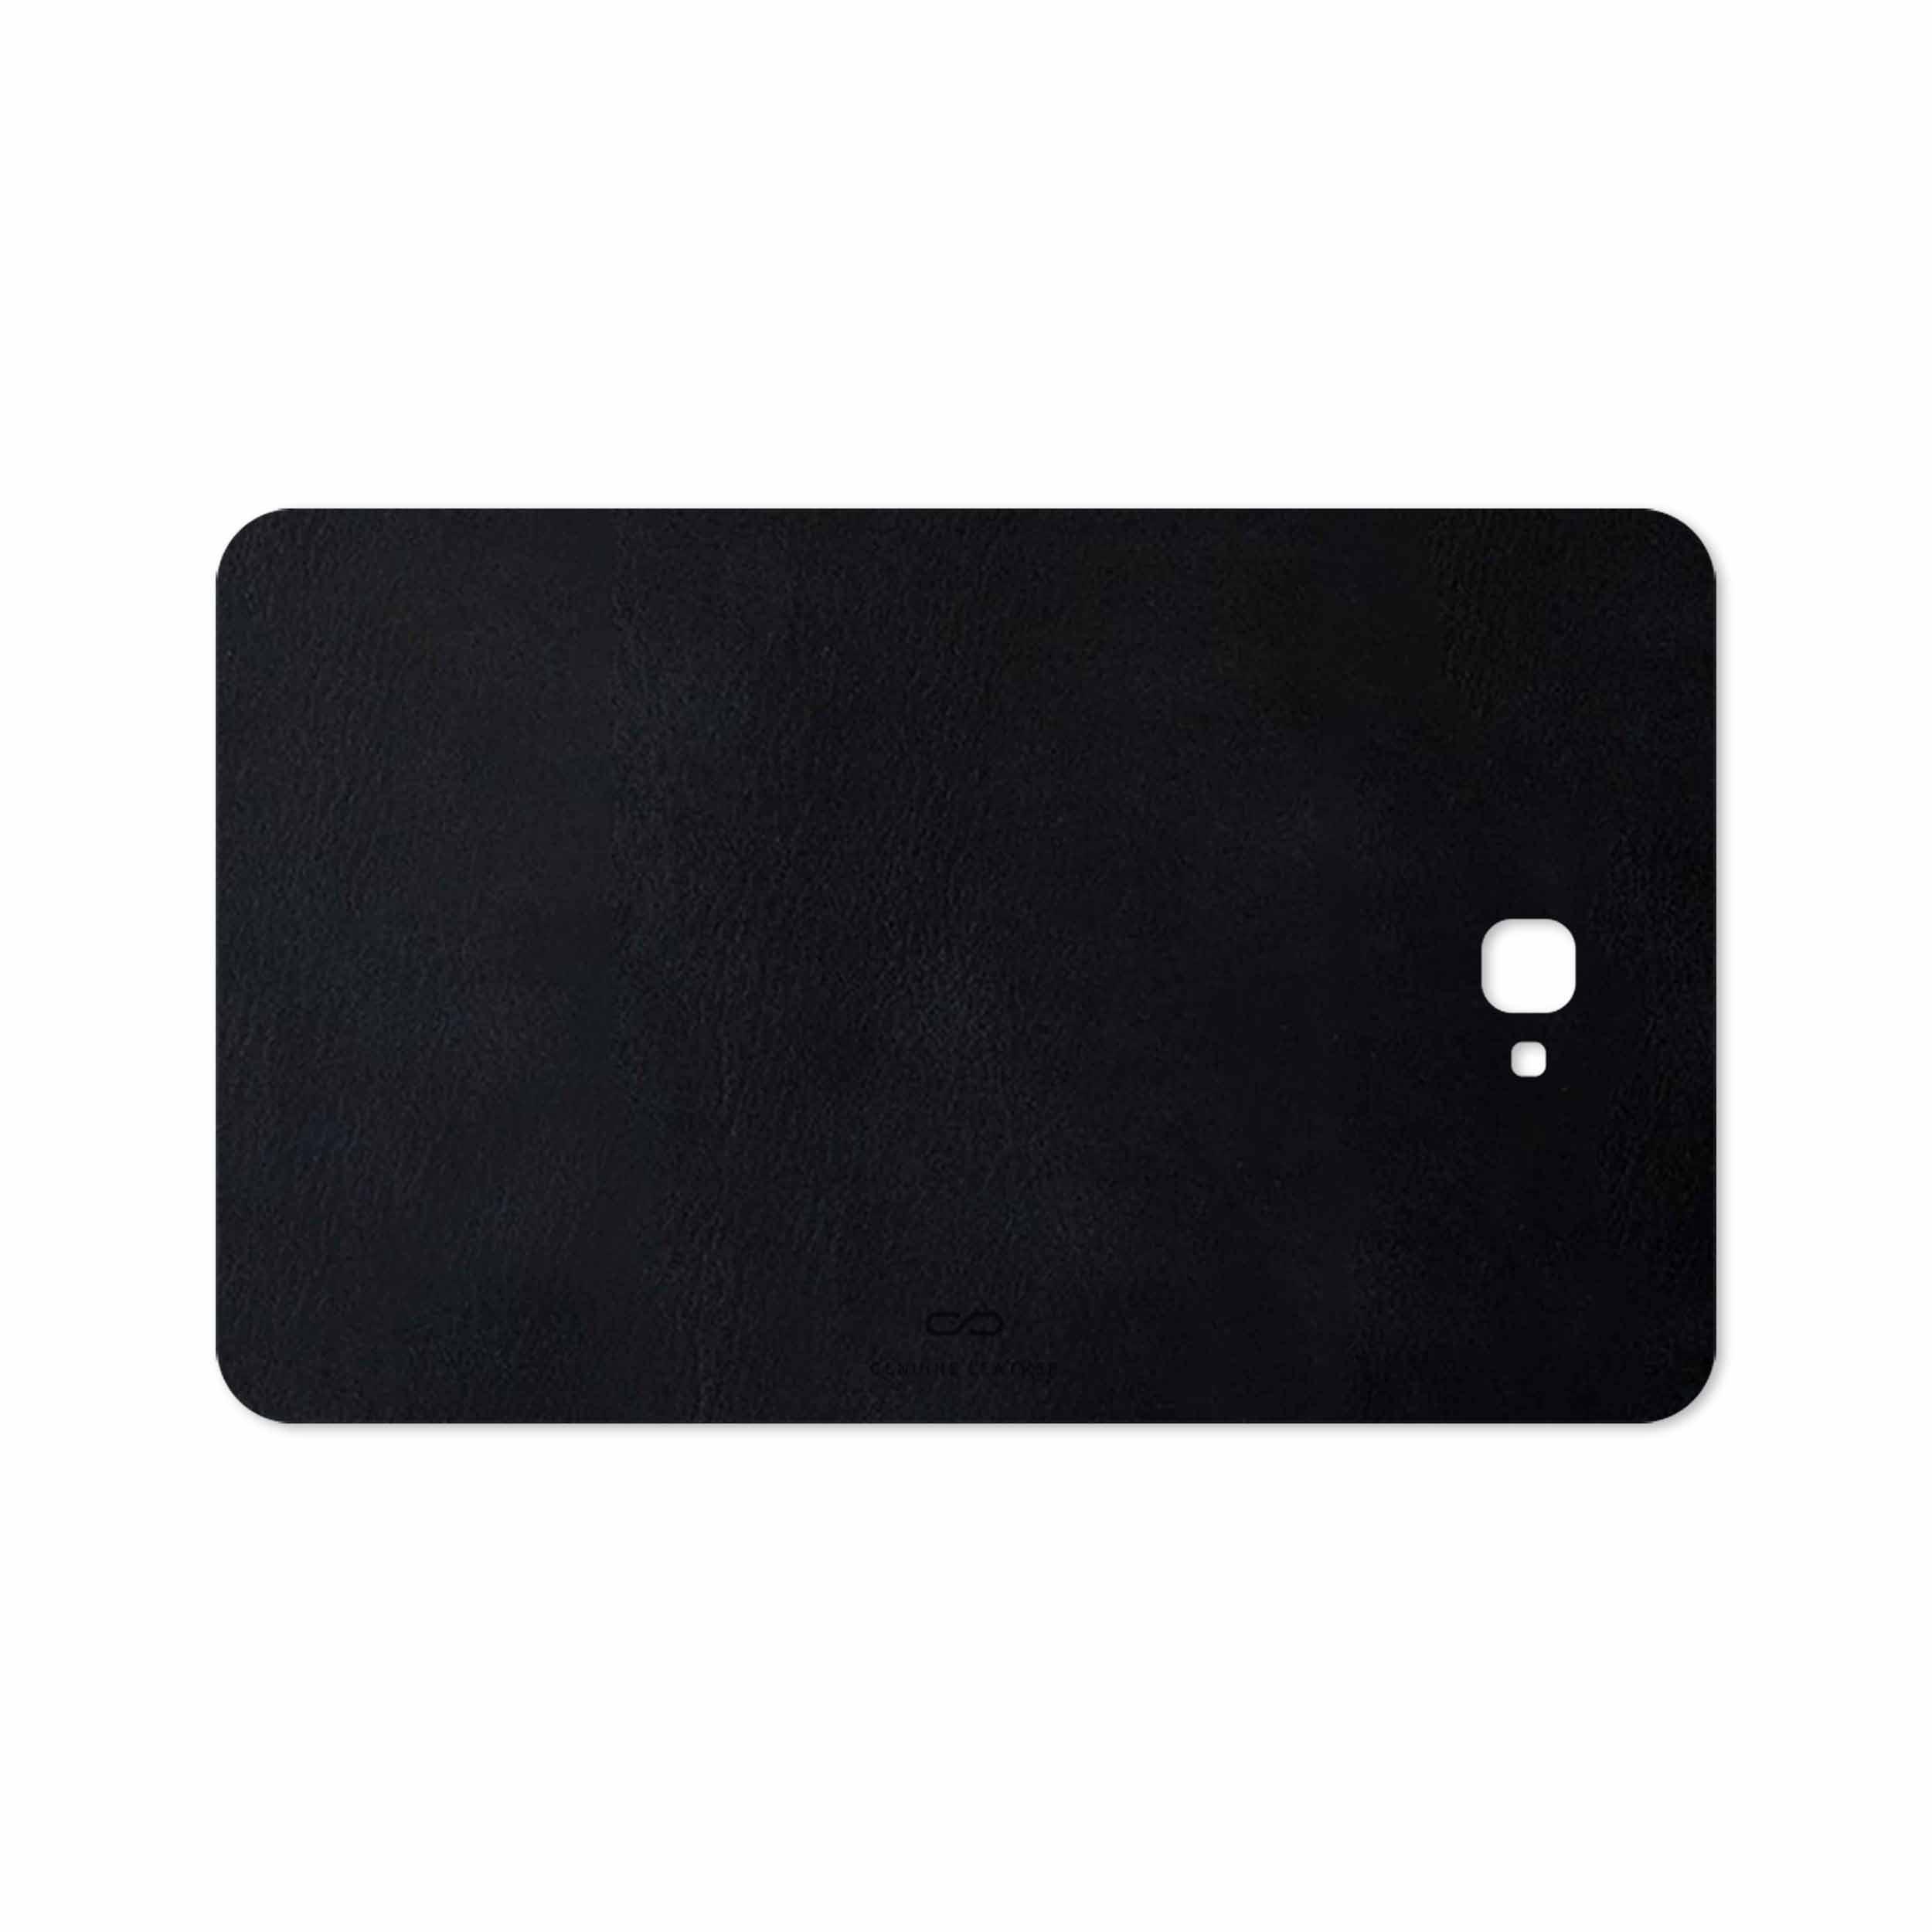 بررسی و خرید [با تخفیف]                                     برچسب پوششی ماهوت مدل Graphite Buffalo Leather مناسب برای تبلت سامسونگ Galaxy Tab A 10.1 2016 T580                             اورجینال